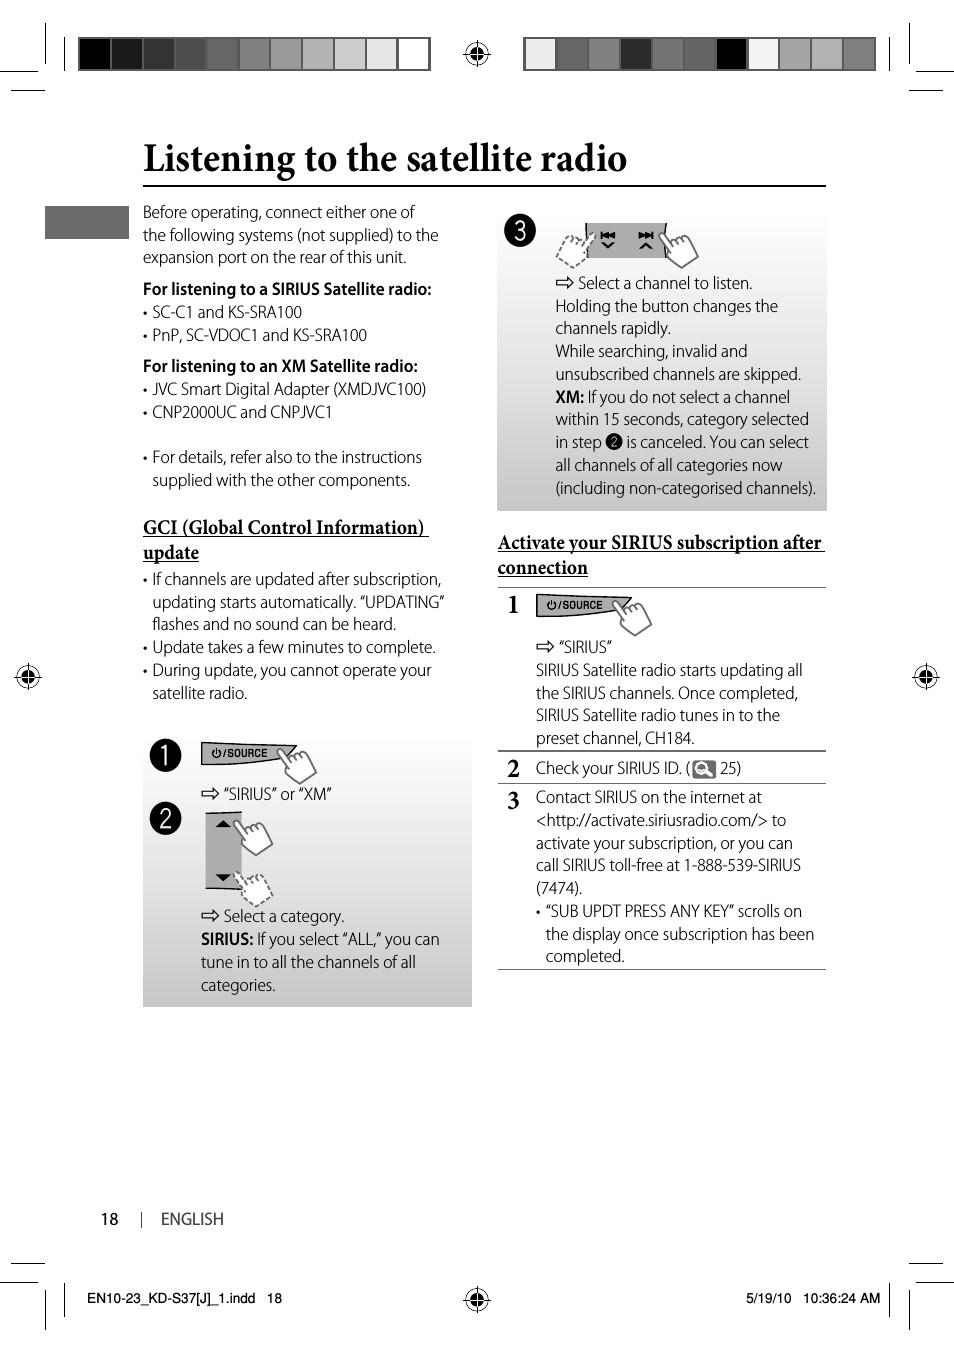 jvc kd s37 page18